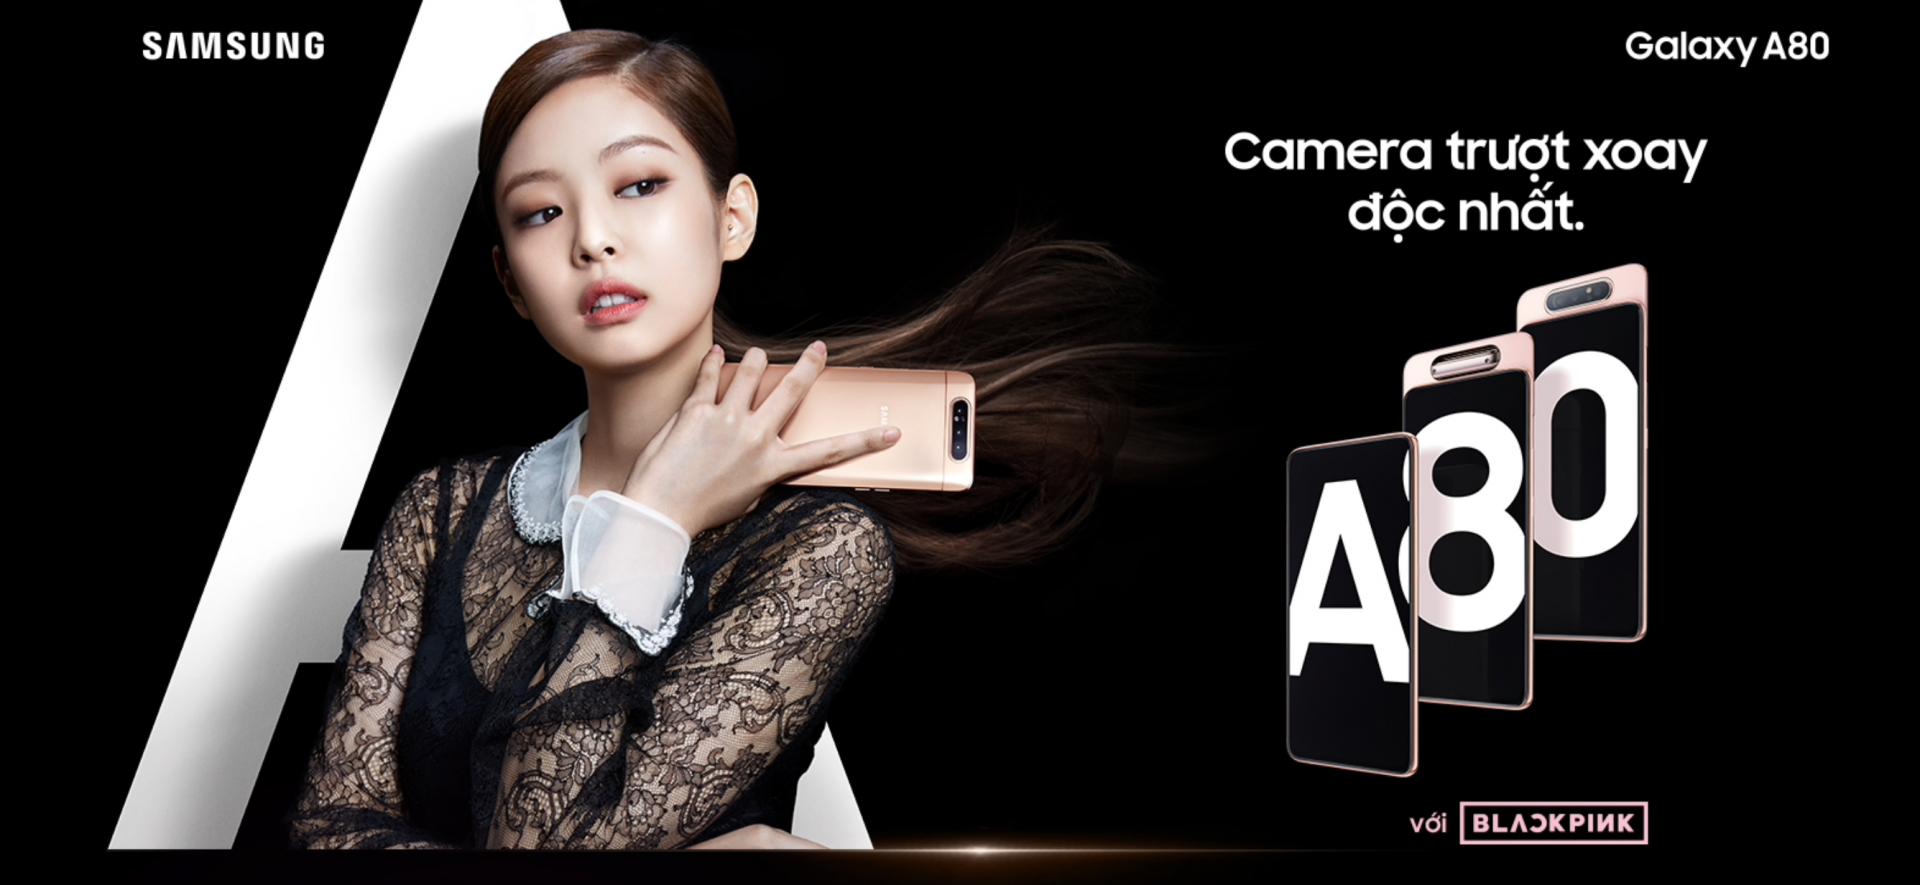 Galaxy A80 chính thức ra mắt tại Việt Nam: camera trượt xoay độc đáo, màn hình tràn viền và vi xử lý Snapdragon 730G mạnh mẽ